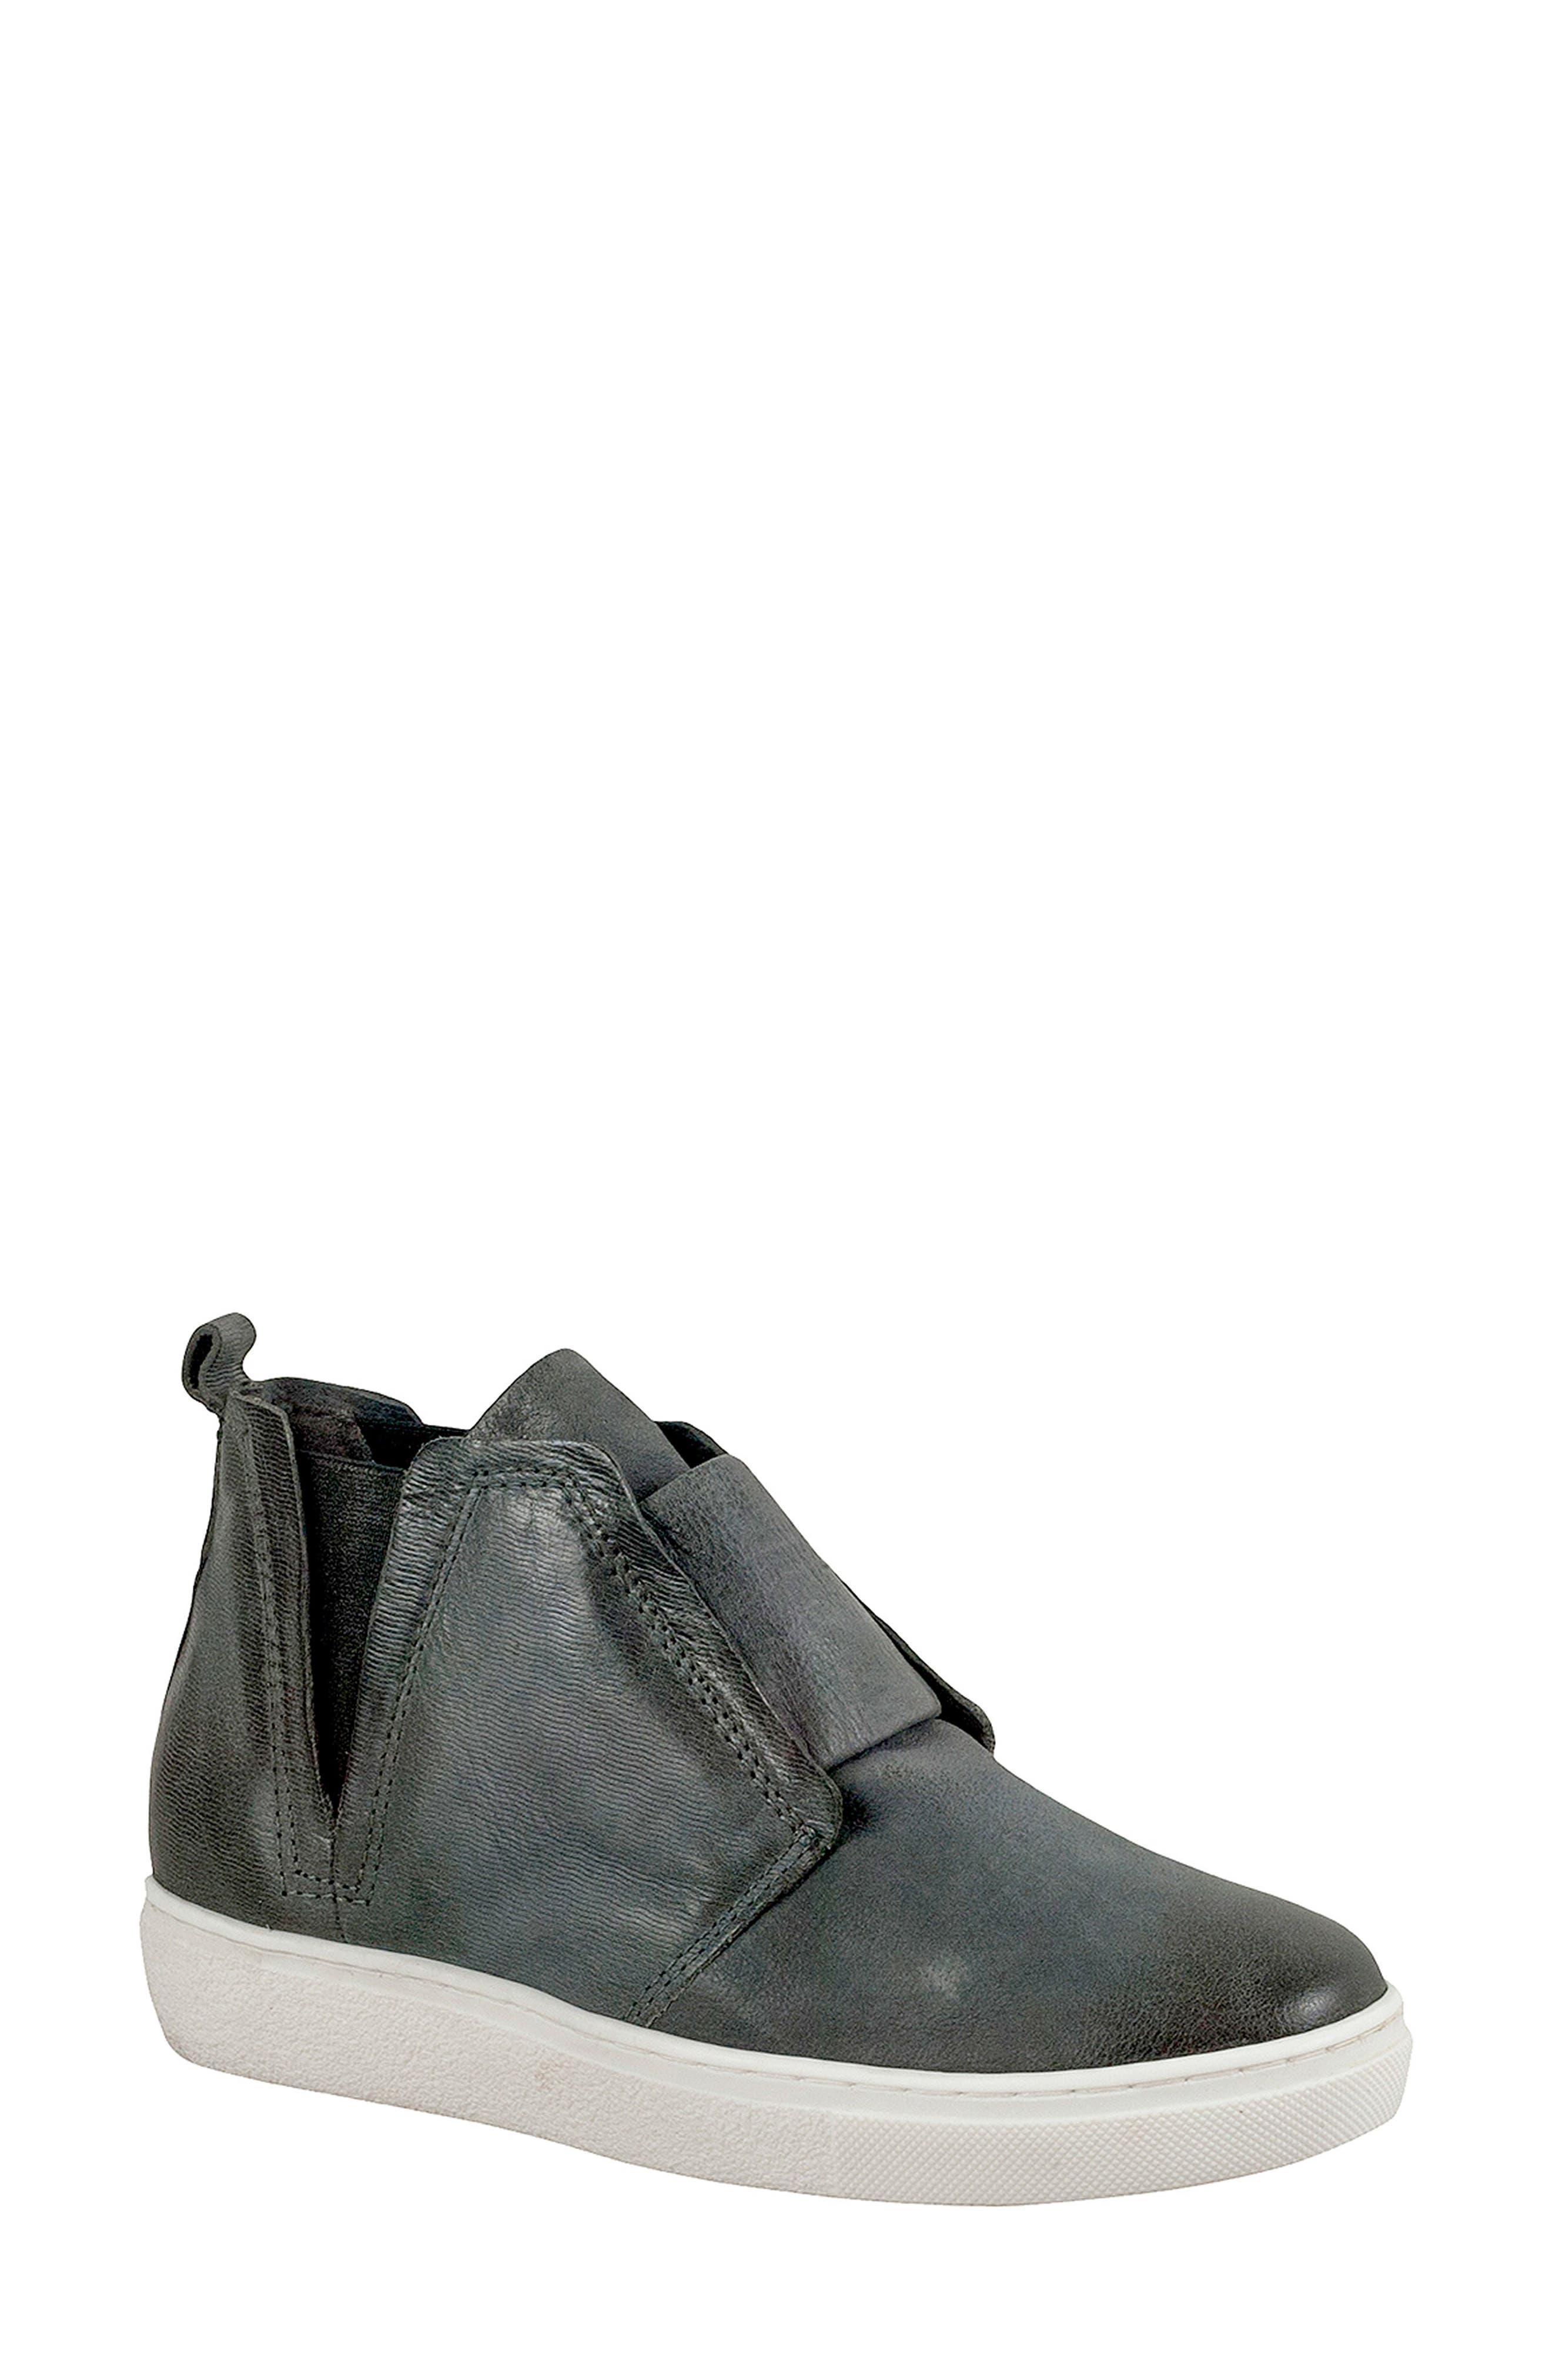 Laurent High Top Sneaker,                             Main thumbnail 1, color,                             GRANITE LEATHER